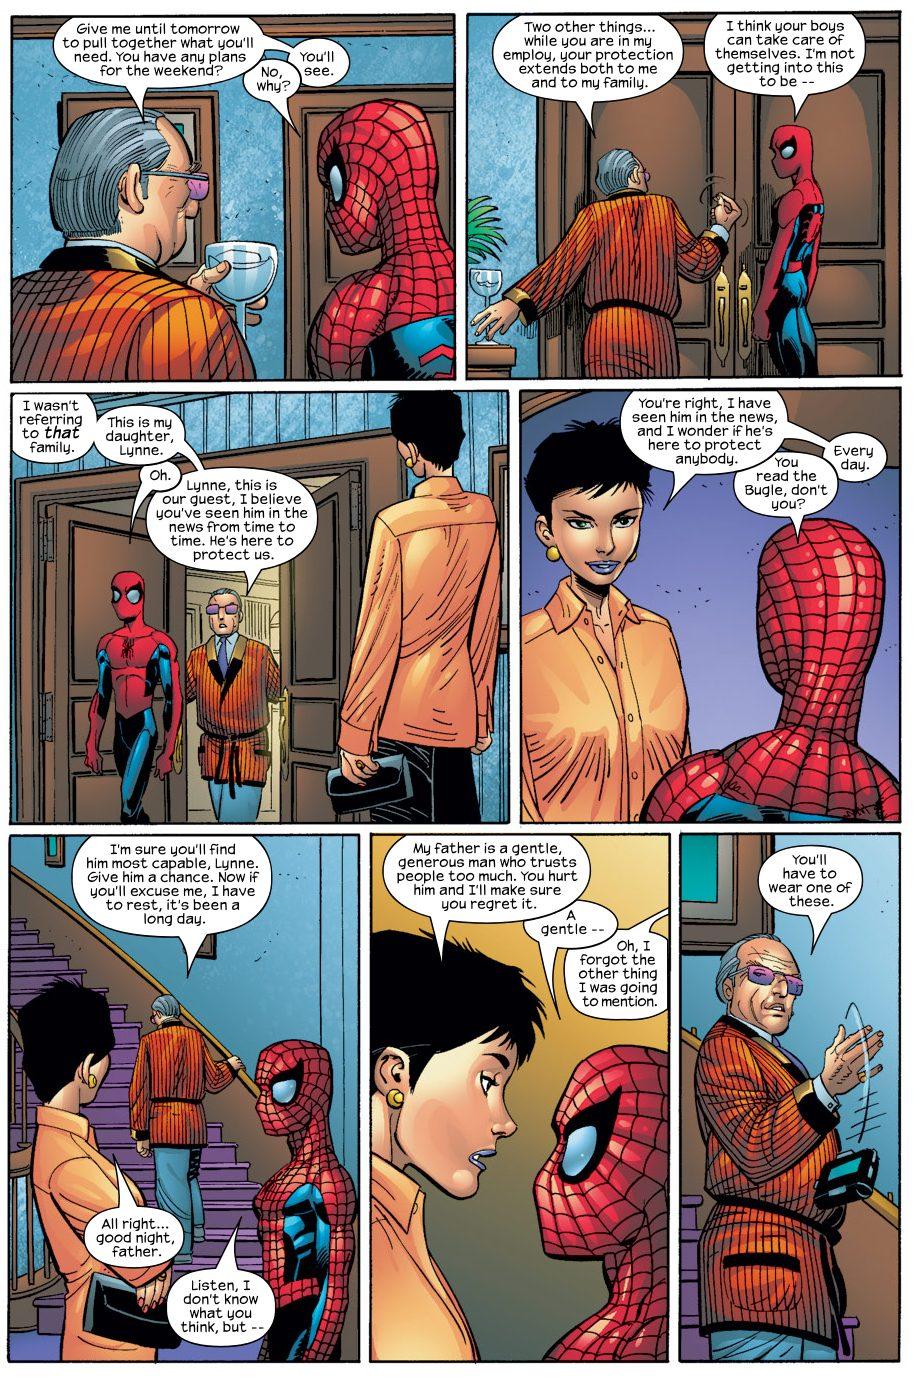 A Mobster Hires Spider-Man